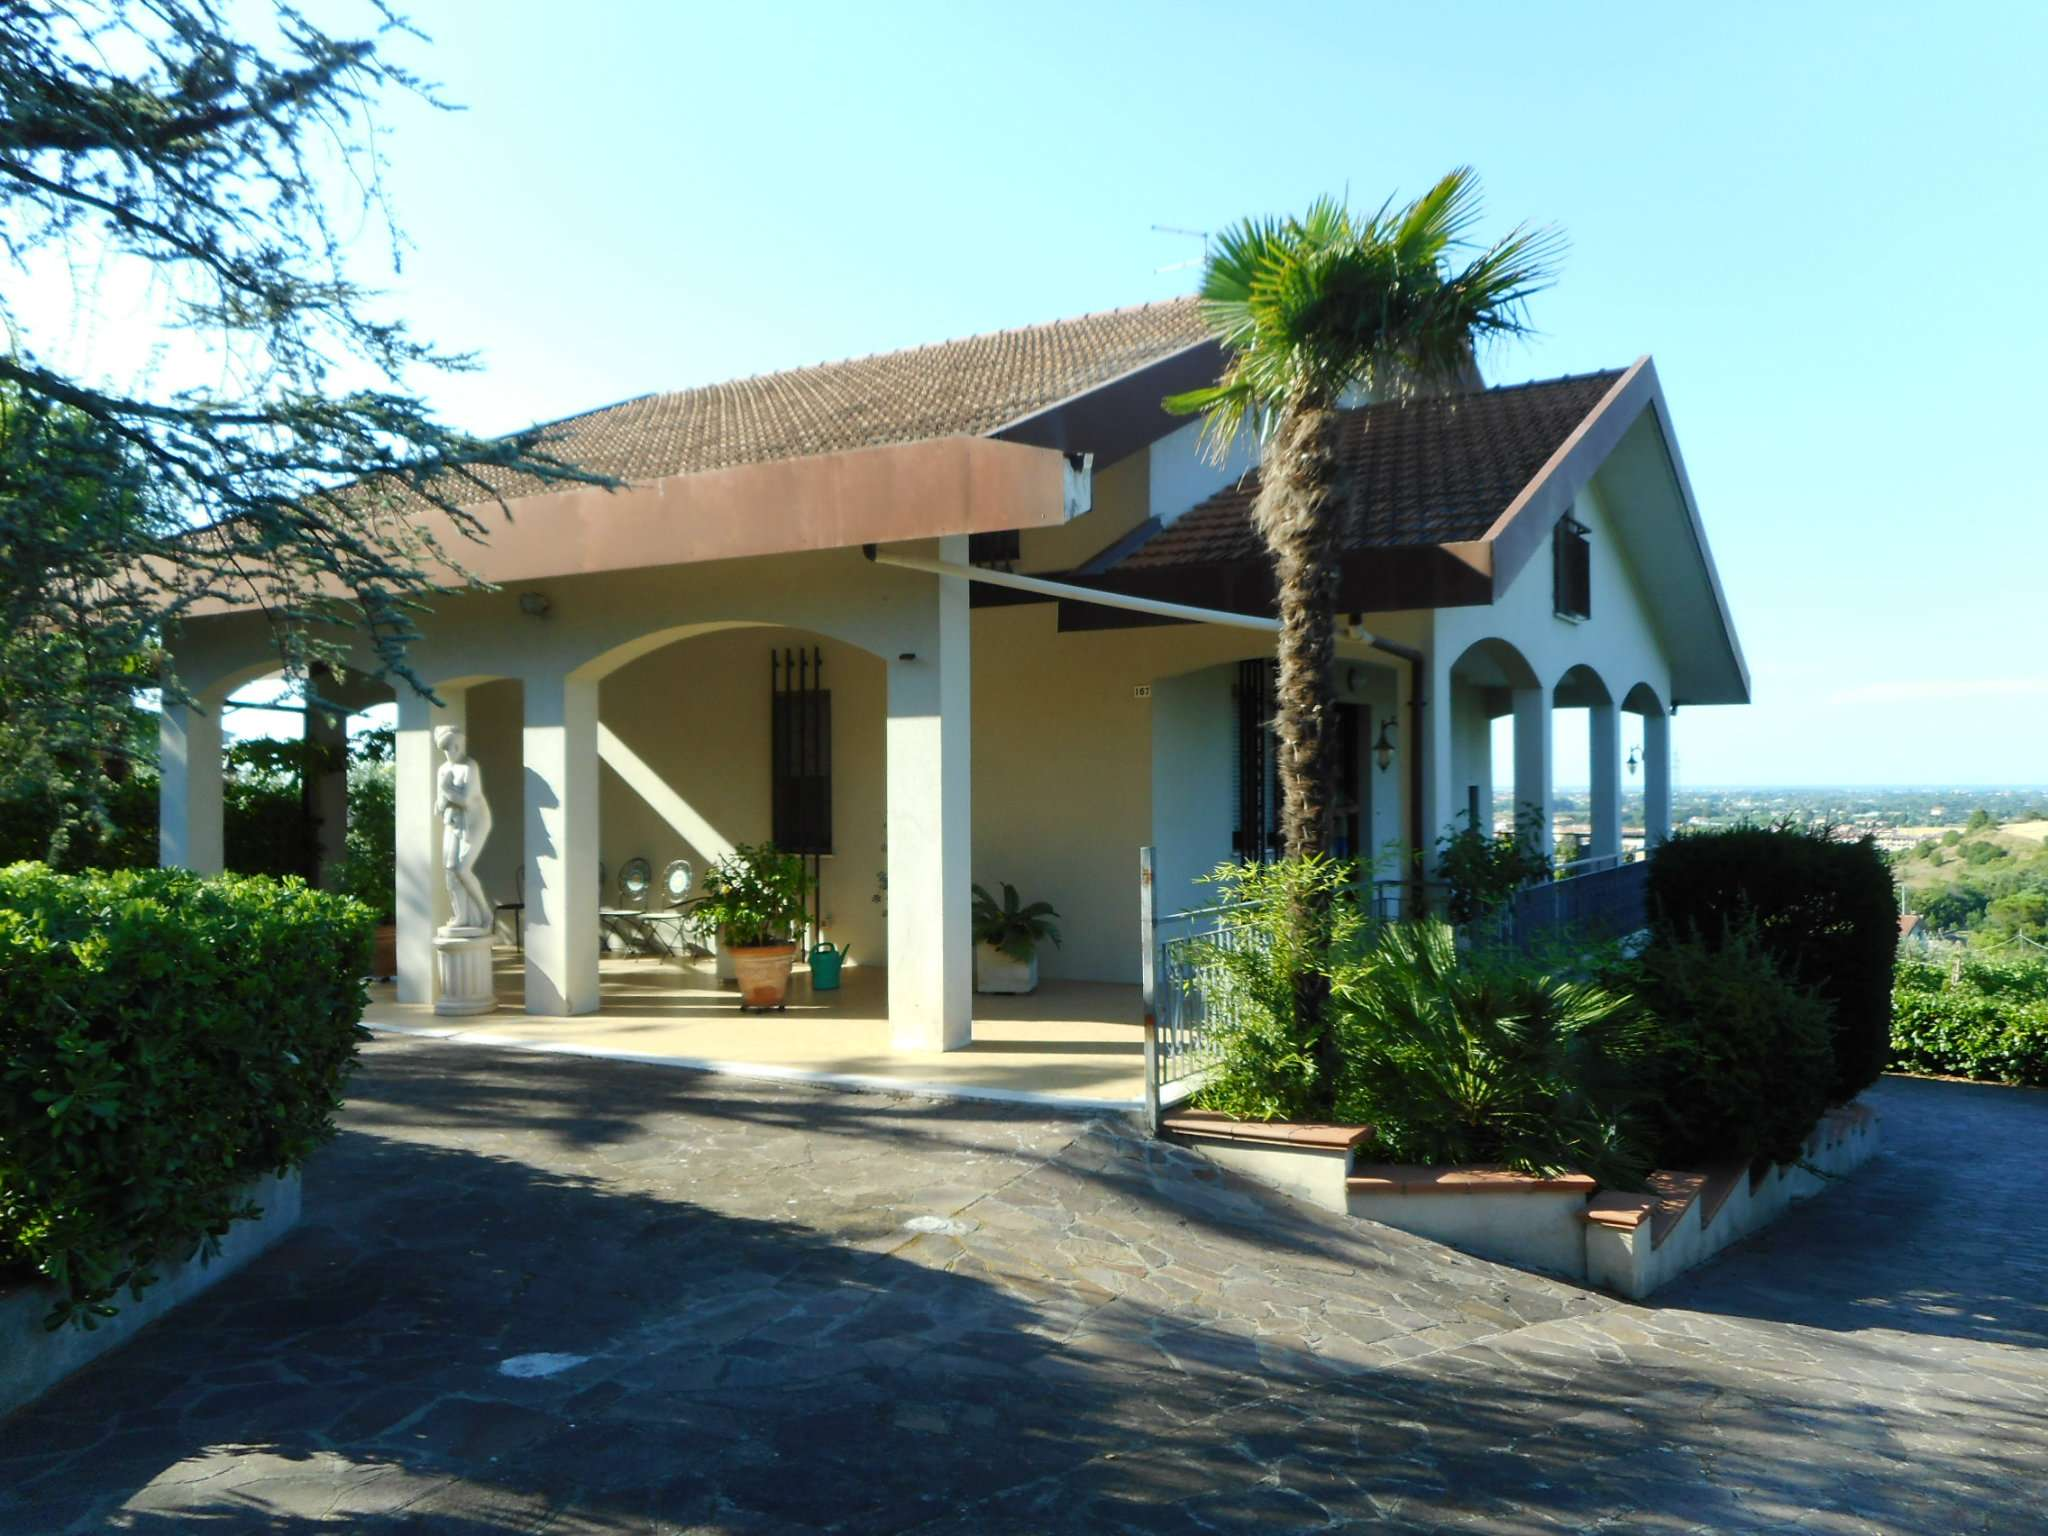 Villa in vendita a Santarcangelo di Romagna, 12 locali, prezzo € 675.000 | CambioCasa.it